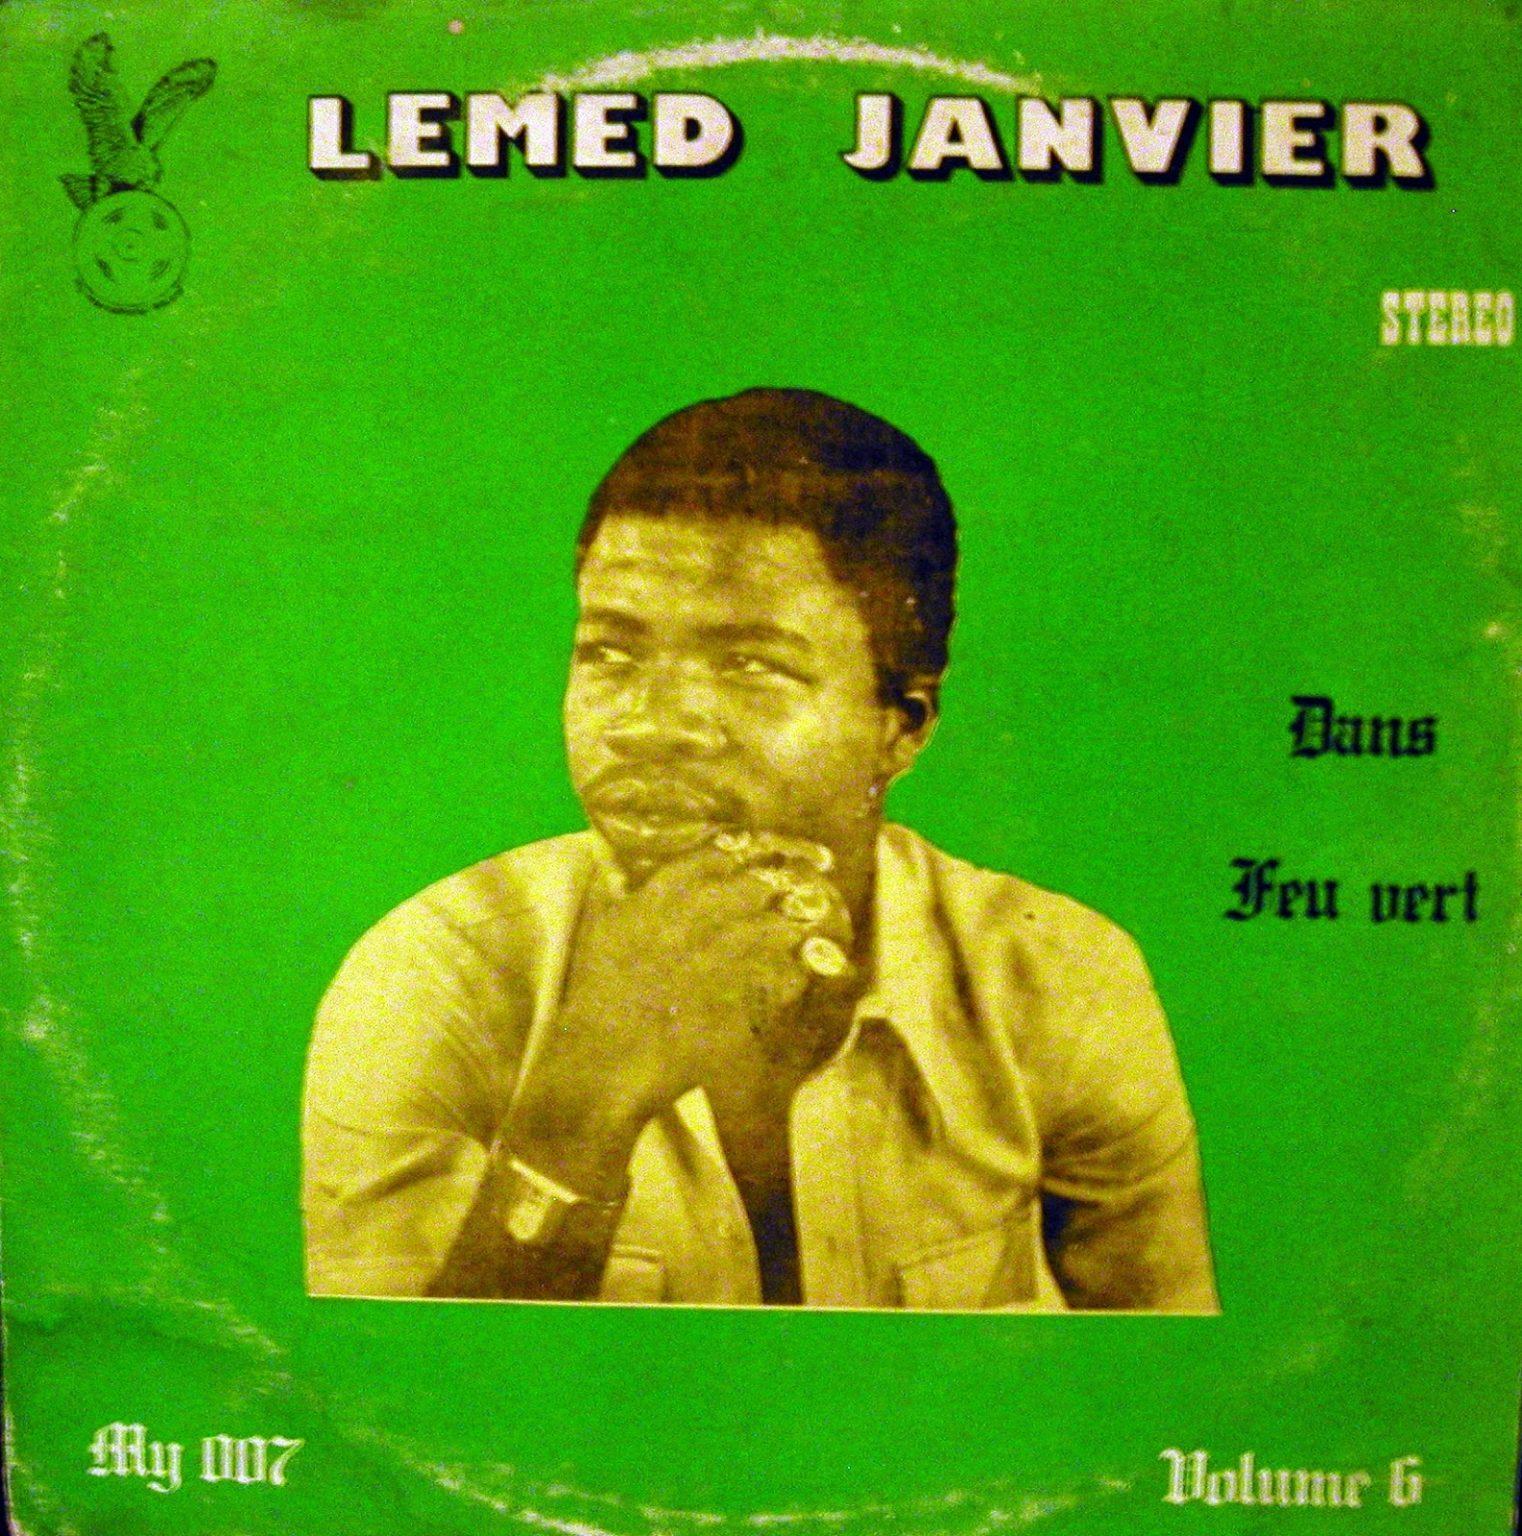 Lemed Janvier – Dans Feu Vert Vol. 6 BENIN Soukous Music ALBUM